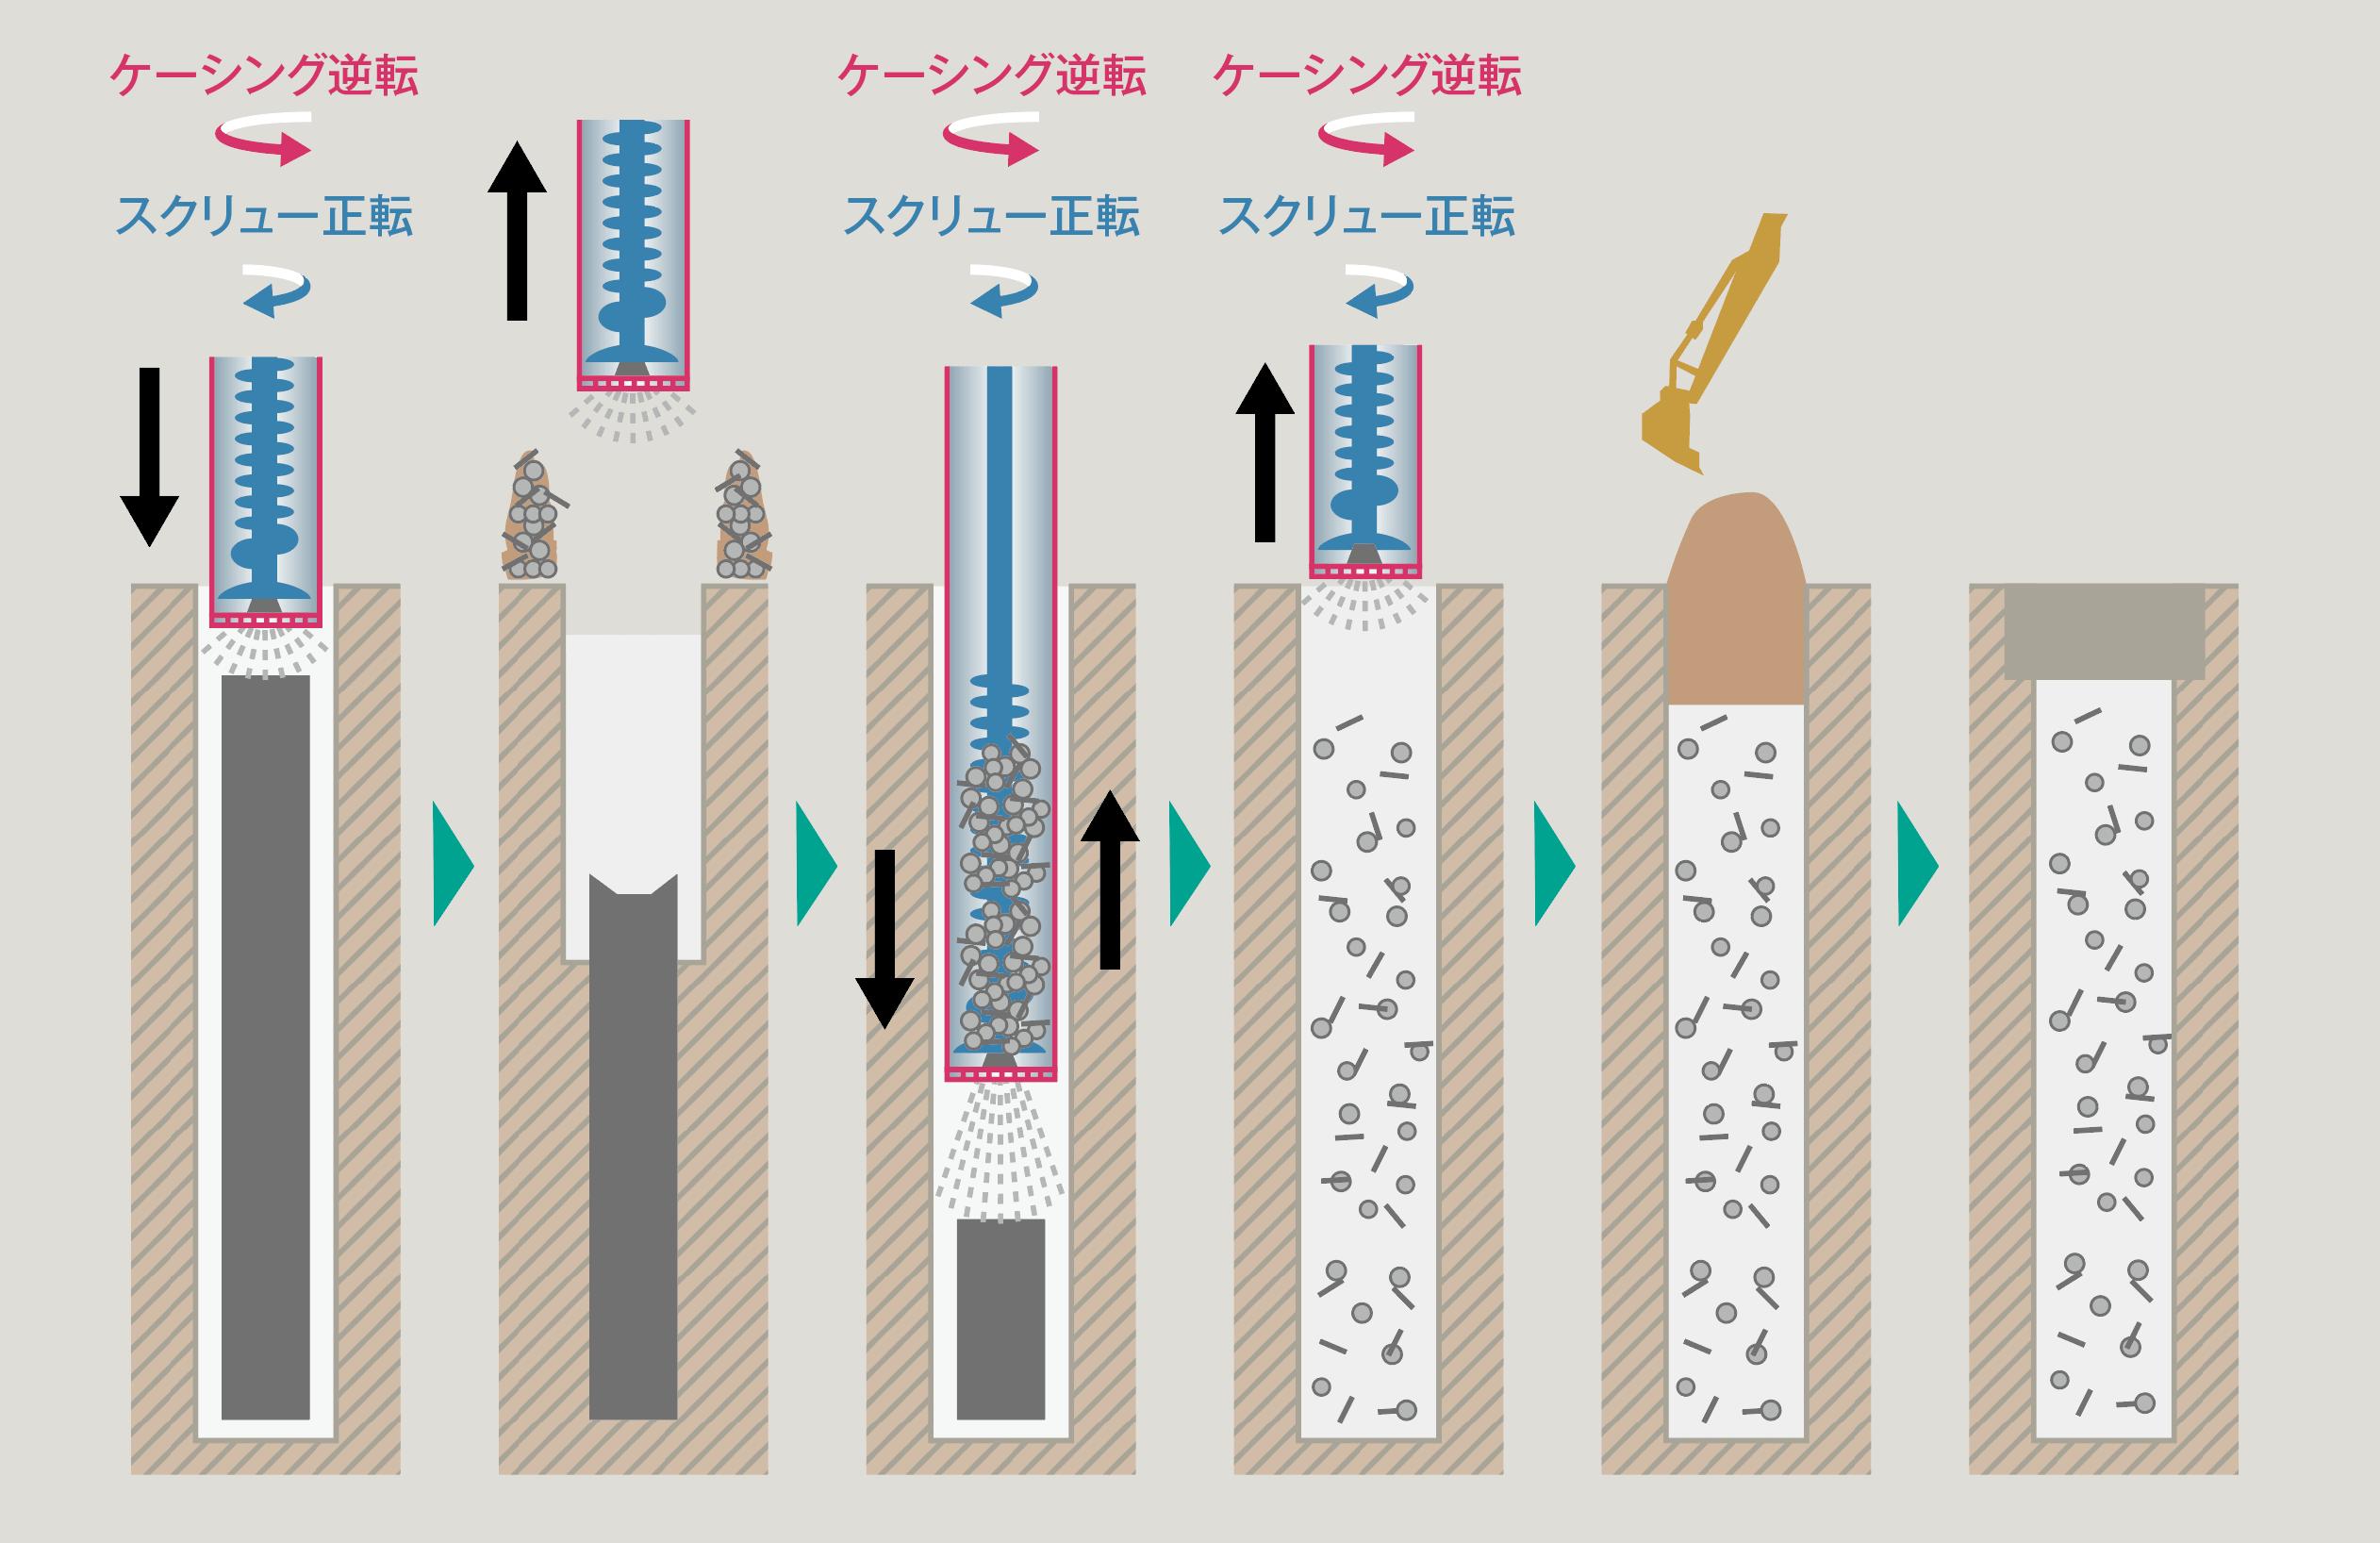 エコクラッシュ工法 図